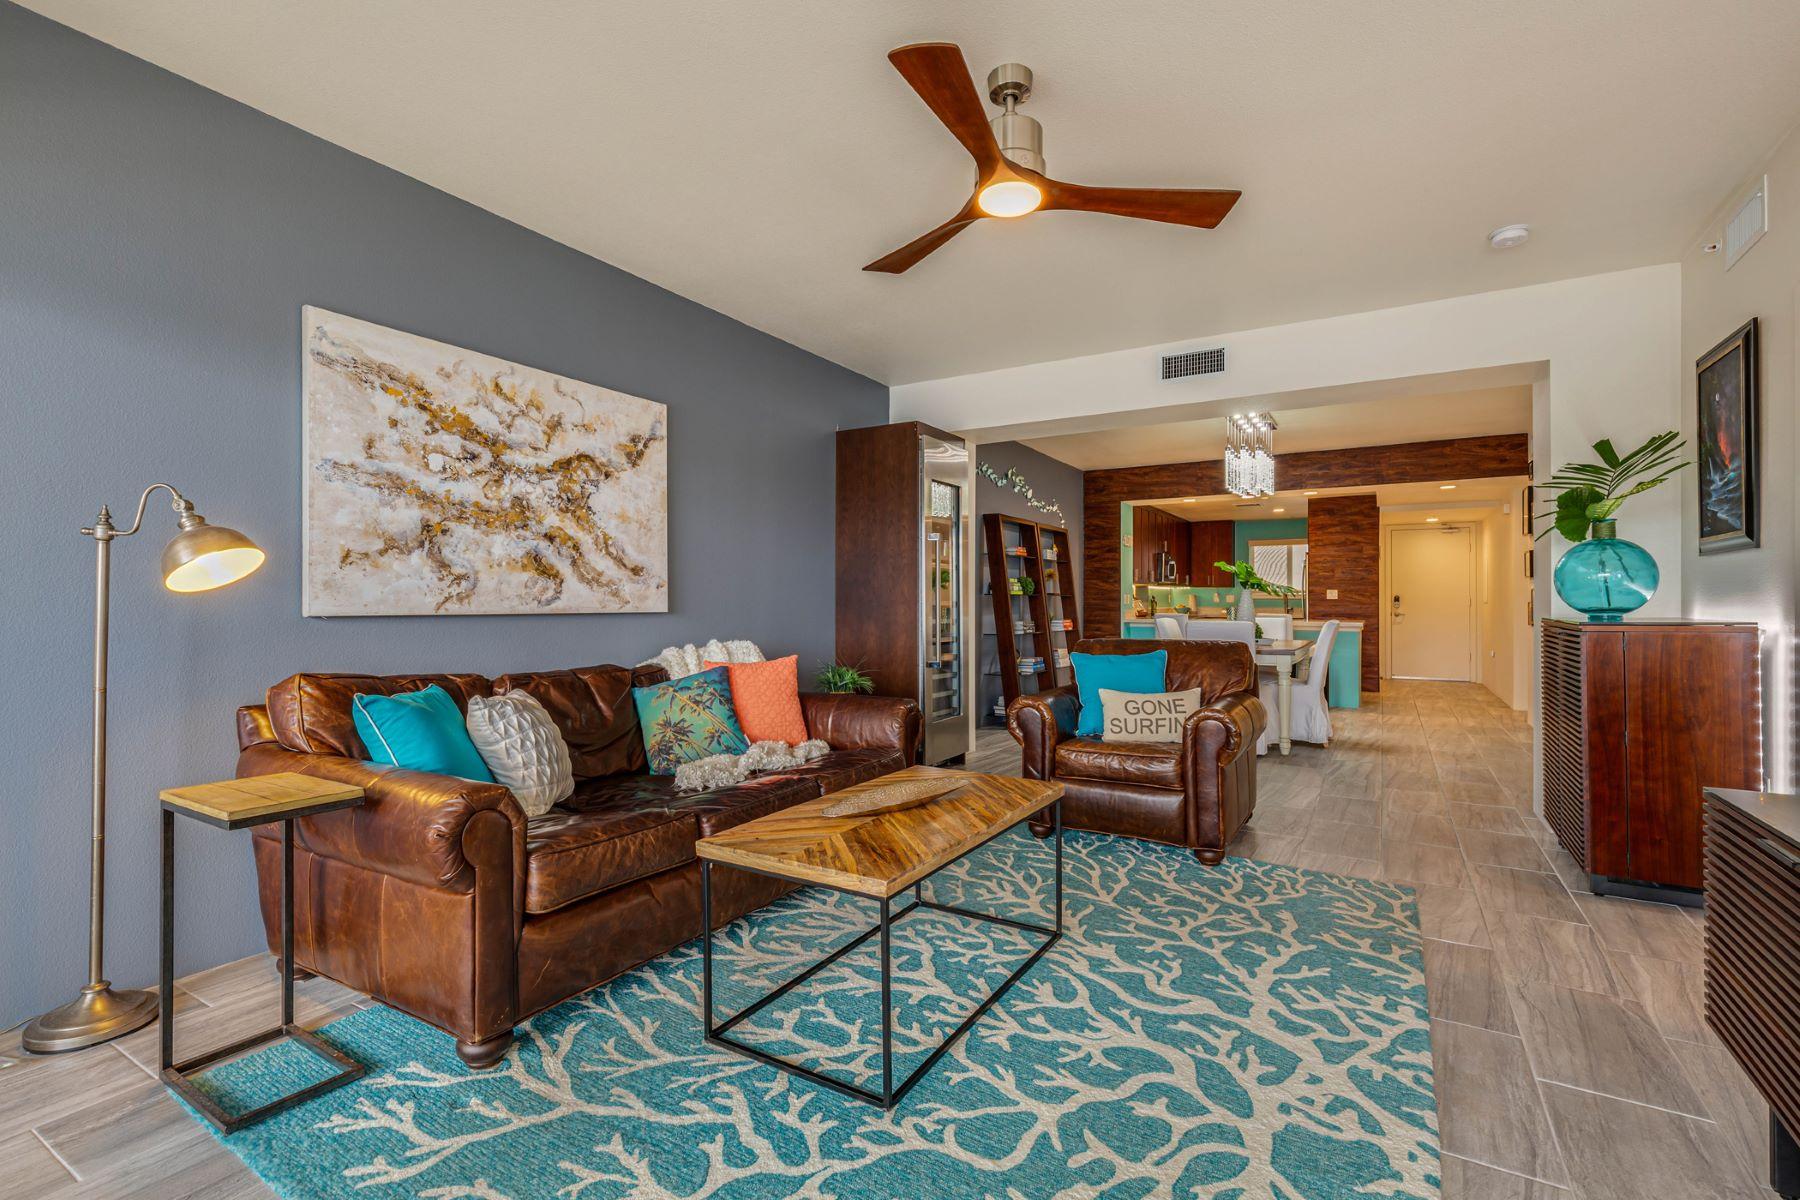 Condominiums for Sale at Ka Malanai at Kailua Condo, Mountain Views, Sunrise Views, Sunset Views 361 Kailua Road #8306 Kailua, Hawaii 96734 United States